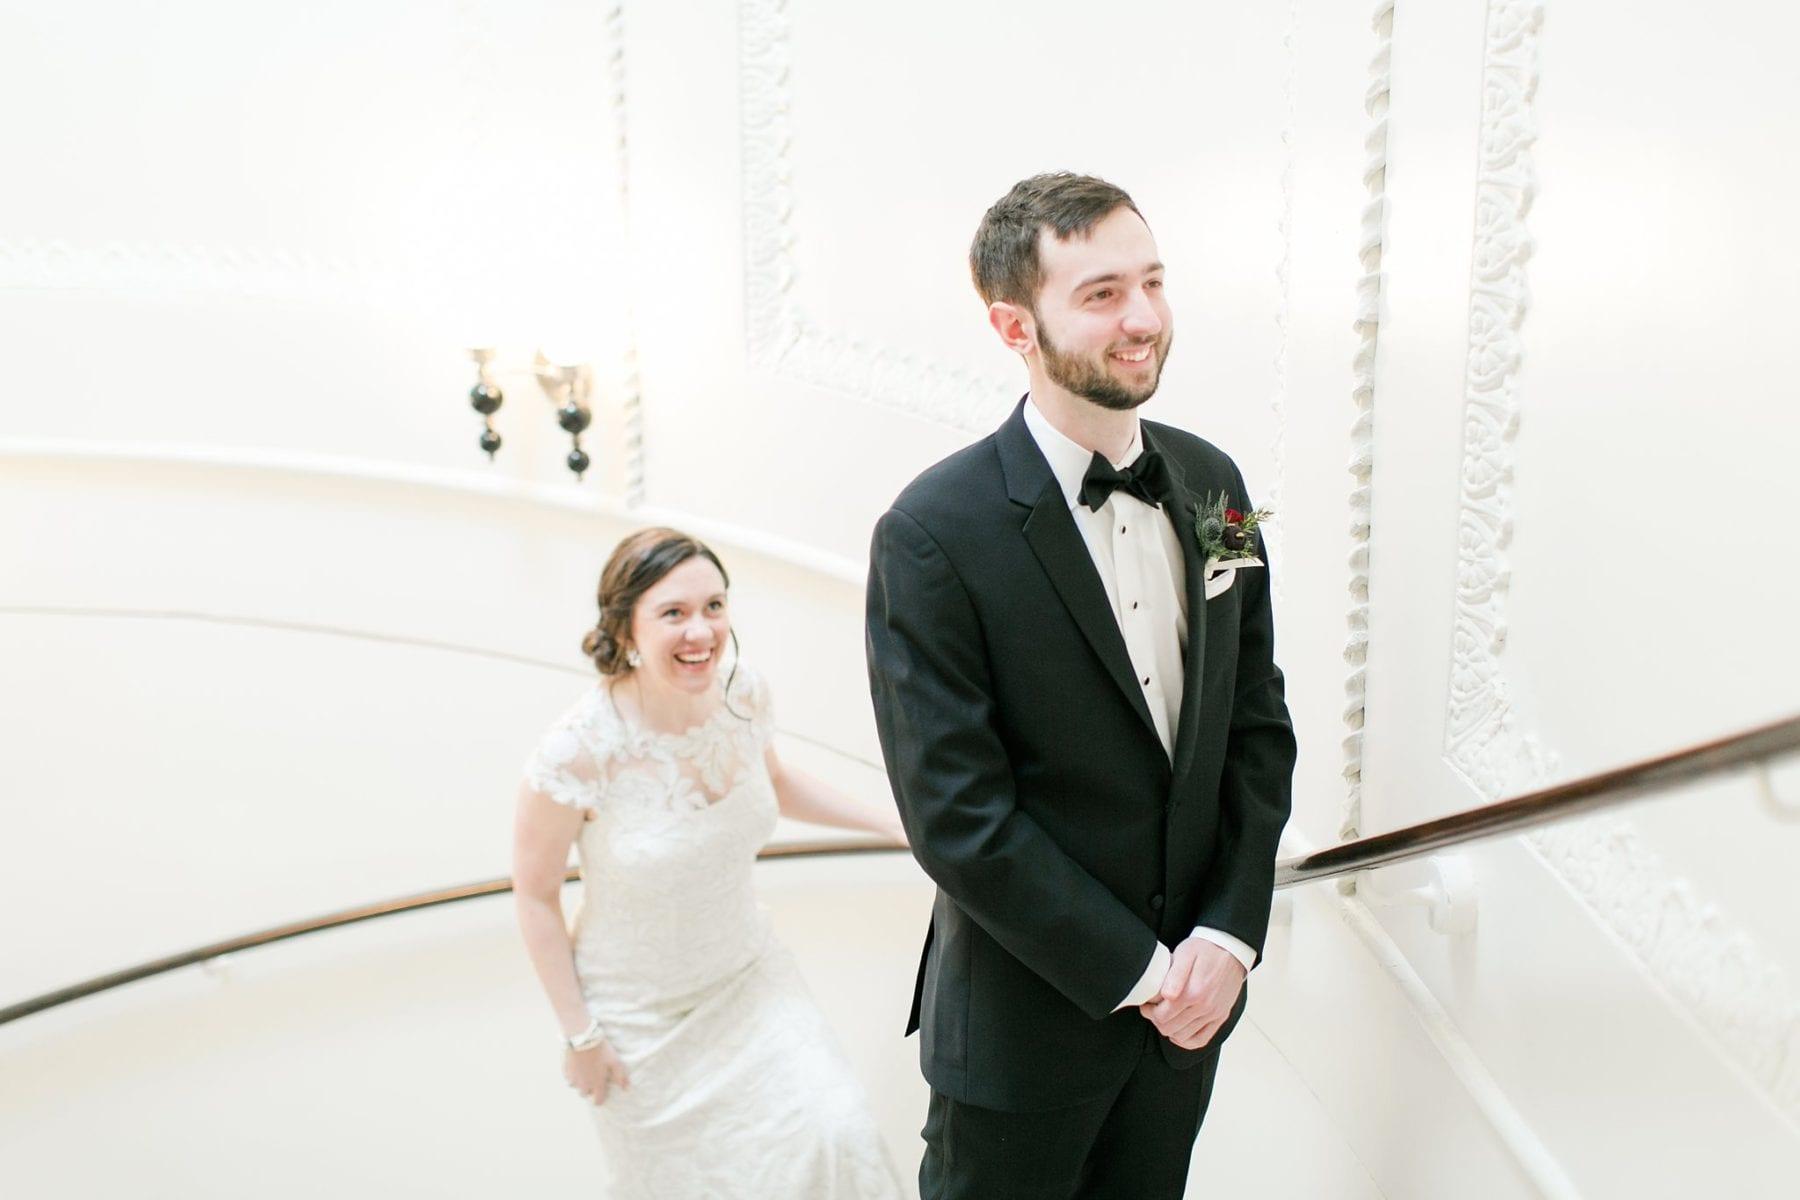 Hotel Monaco Washington DC Wedding Photos Megan Kelsey Photography Erin & Mike -58